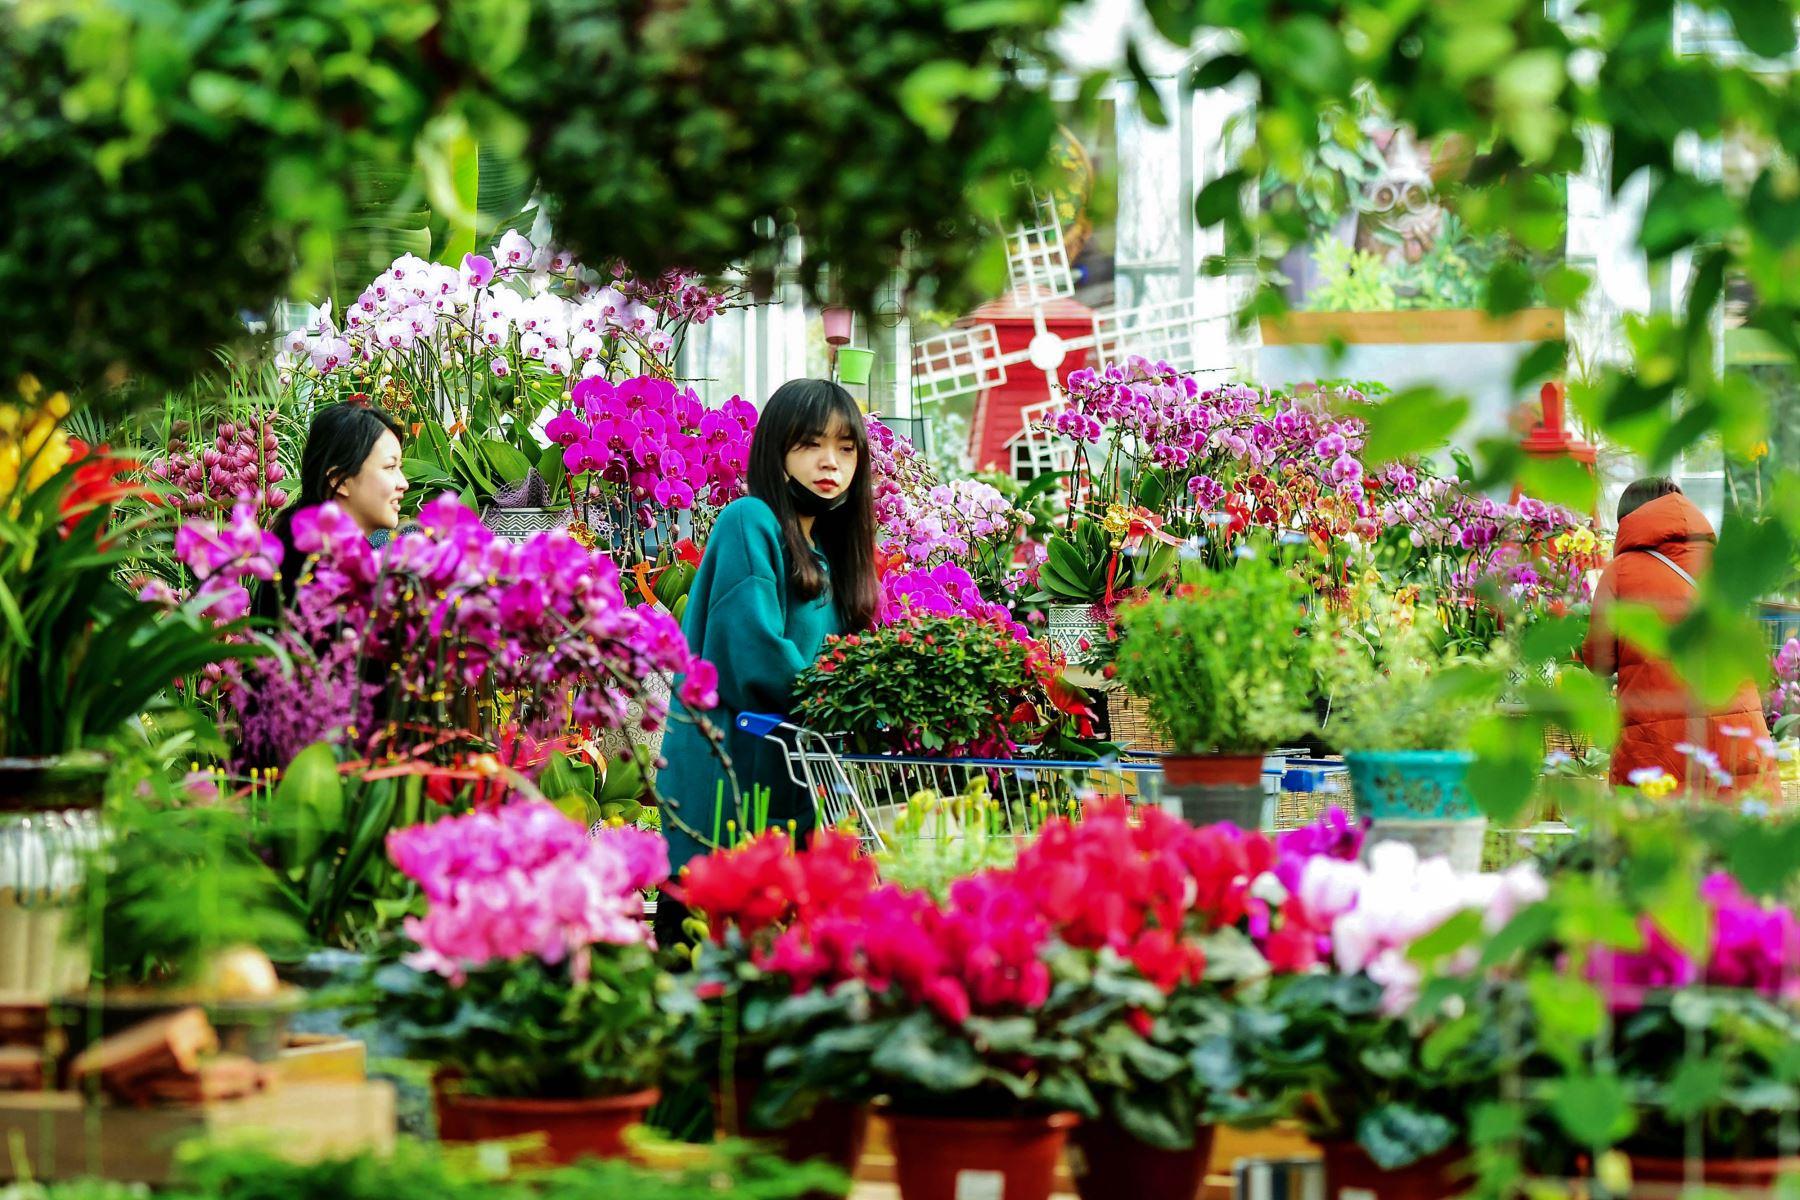 Un cliente compra flores en un mercado en Qingdao, en la provincia oriental china de Shandong, antes del Año Nuevo Lunar. Foto: AFP